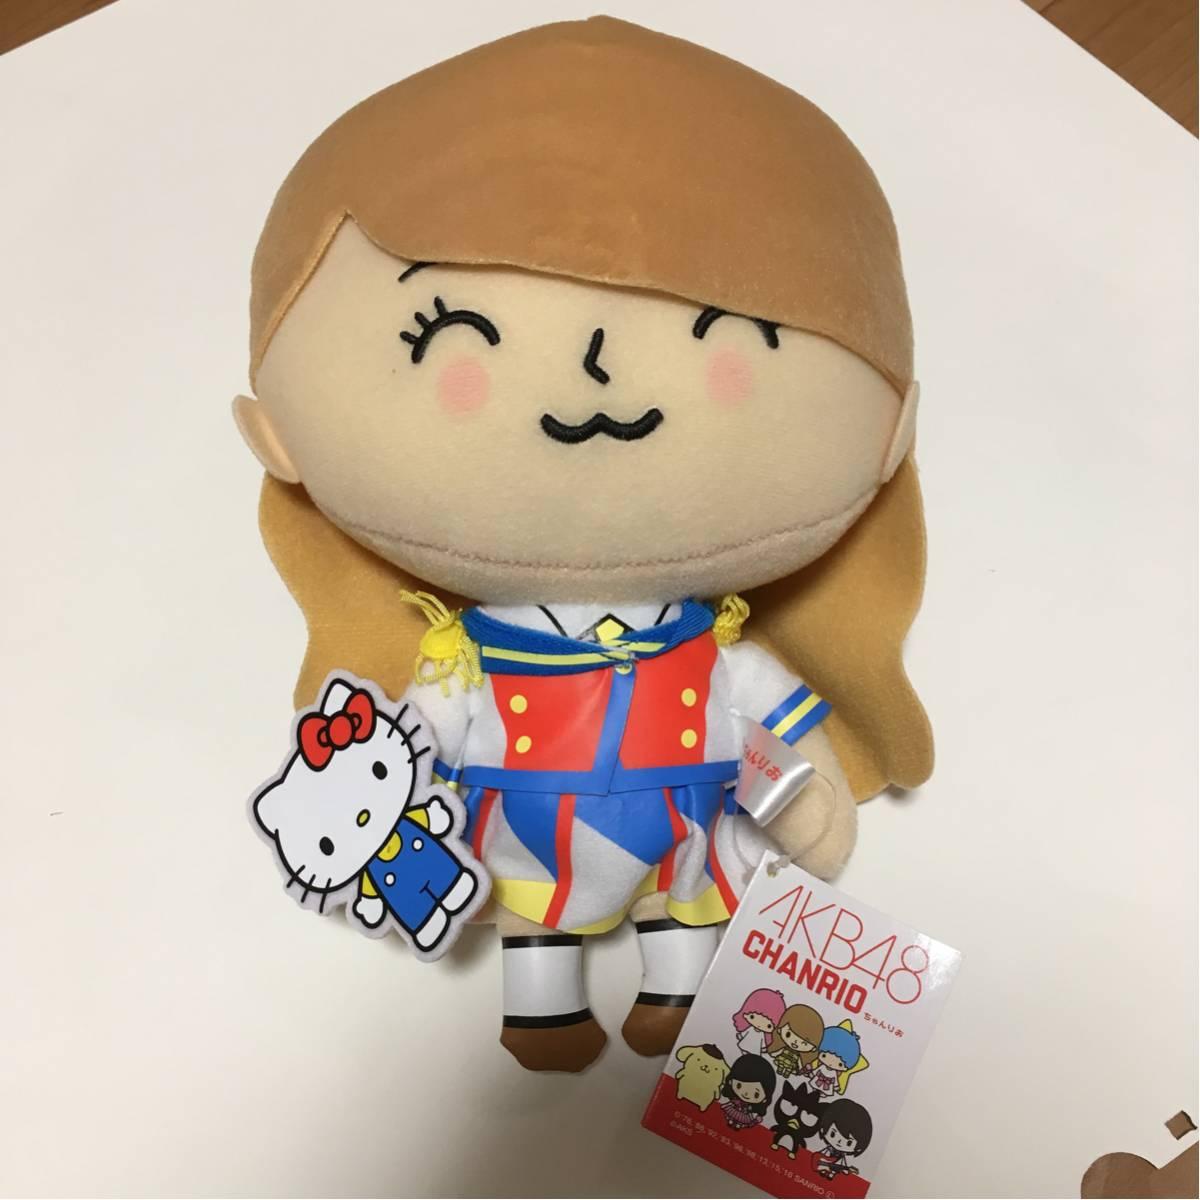 送料無料 新品未使用 AKB48 ぬいぐるみ ちゃんりお キティちゃん サンリオ ライブ・総選挙グッズの画像